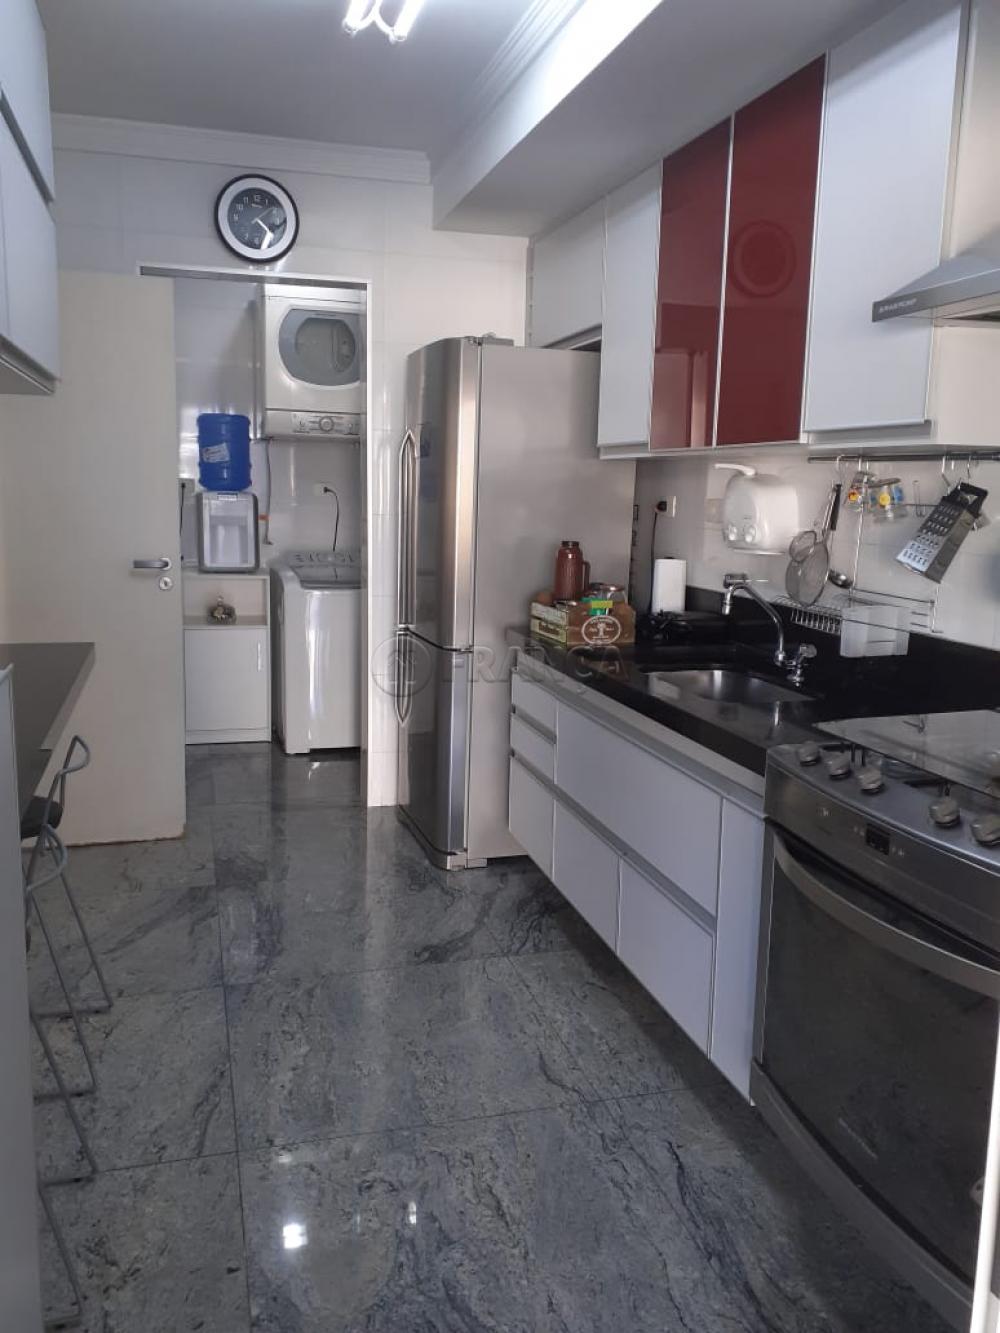 Comprar Casa / Condomínio em Jacareí apenas R$ 750.000,00 - Foto 5